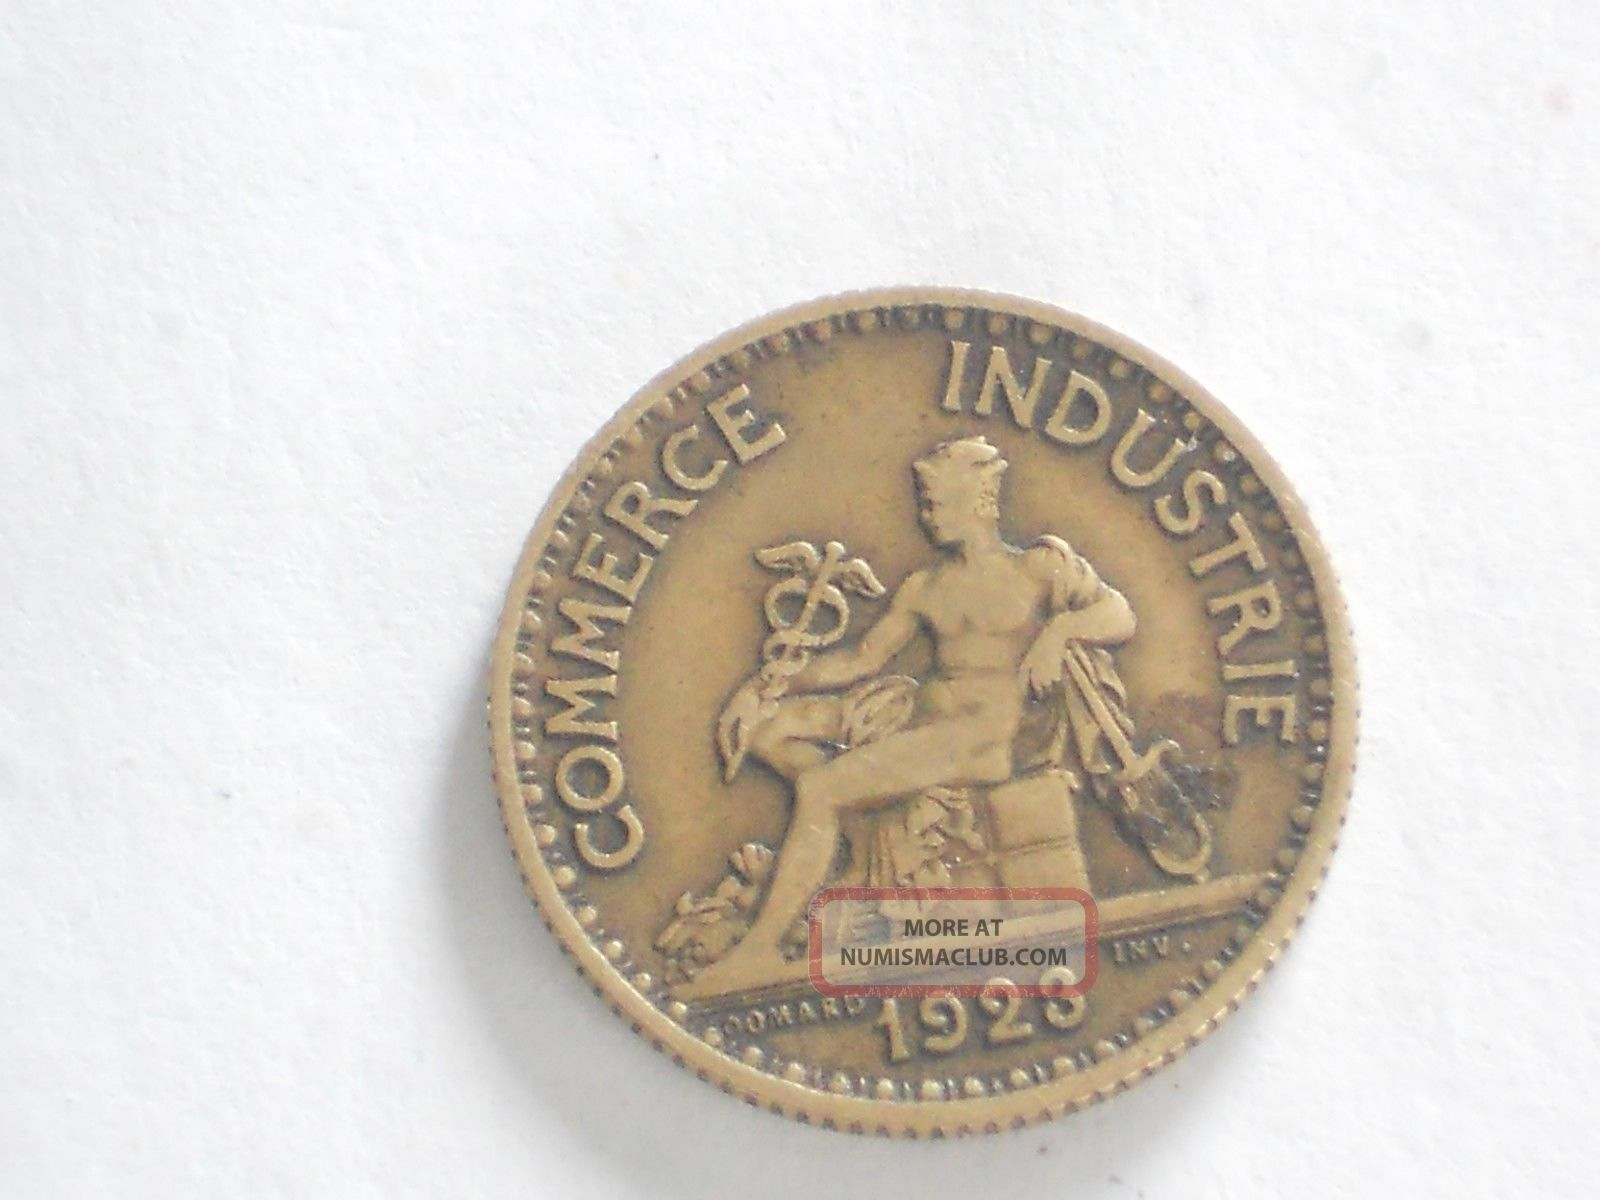 1923 1 bon pour franc chambres de commerce de france for Chambre de commerce de france bon pour 2 francs